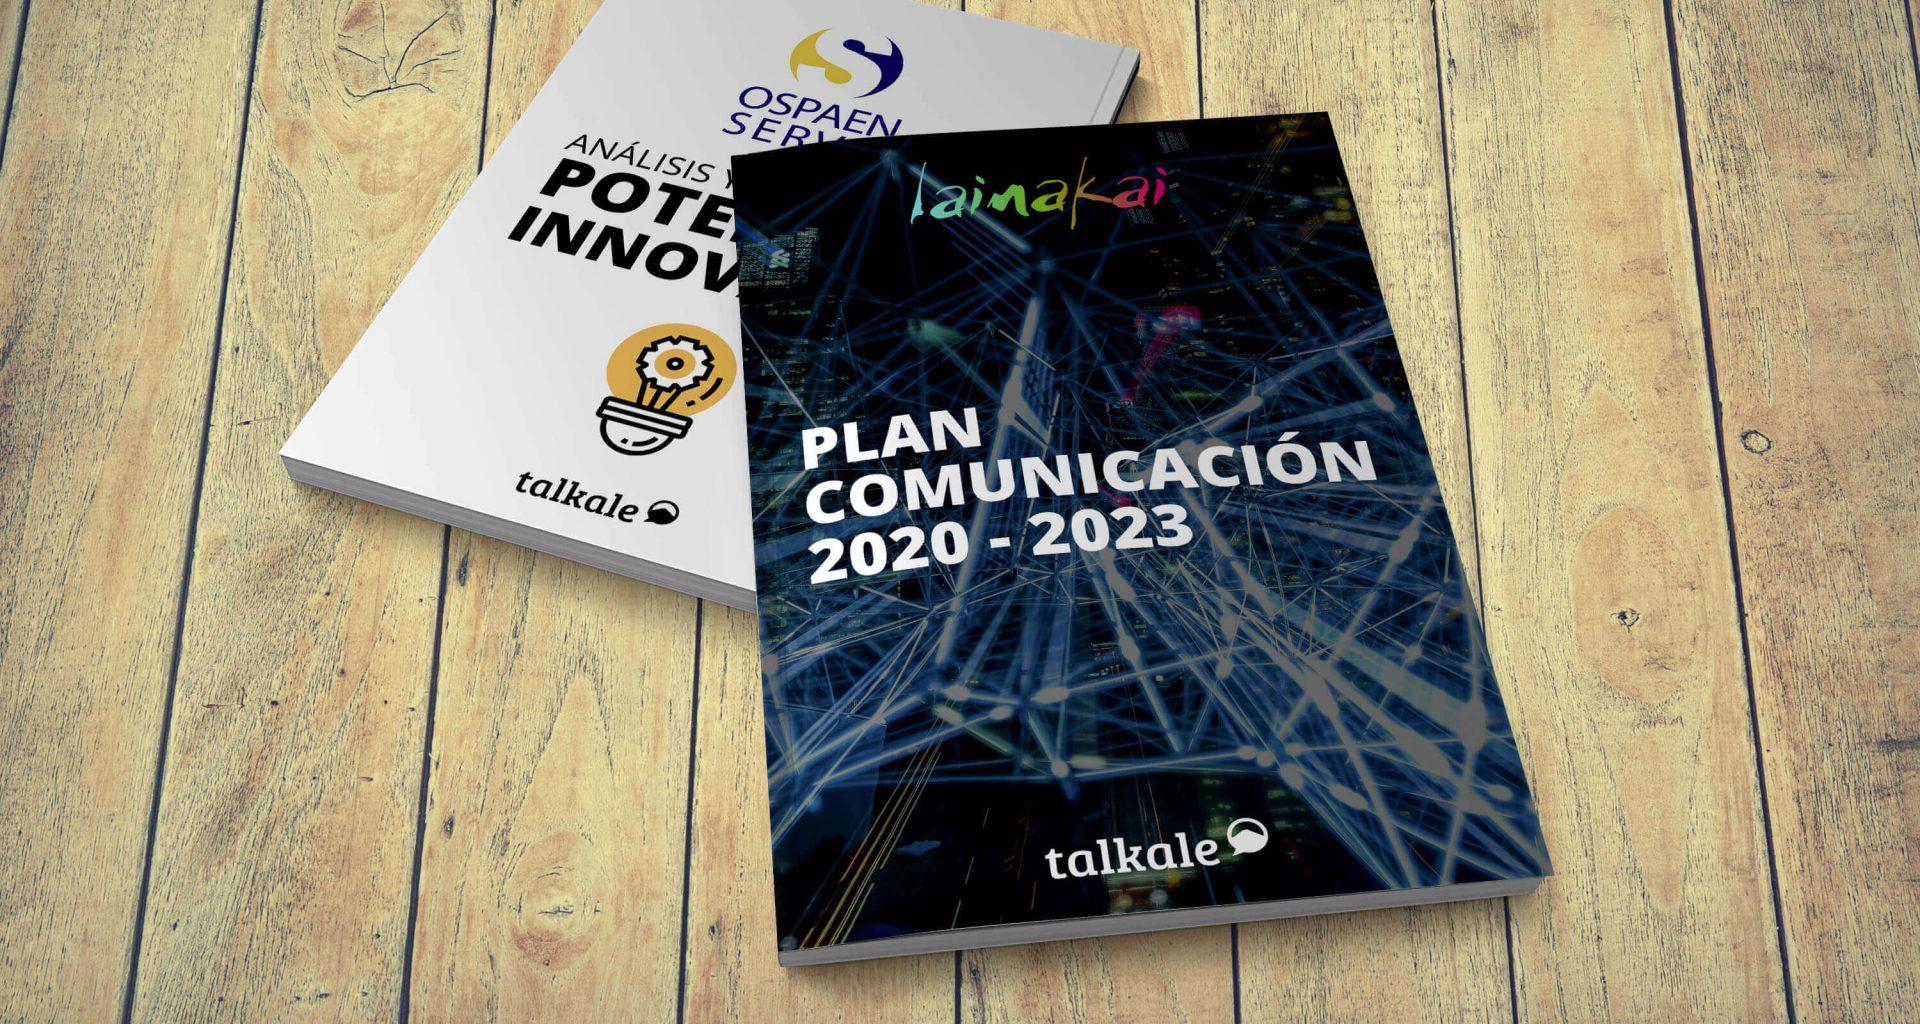 Documentos de planificación de Talkale para las marcas